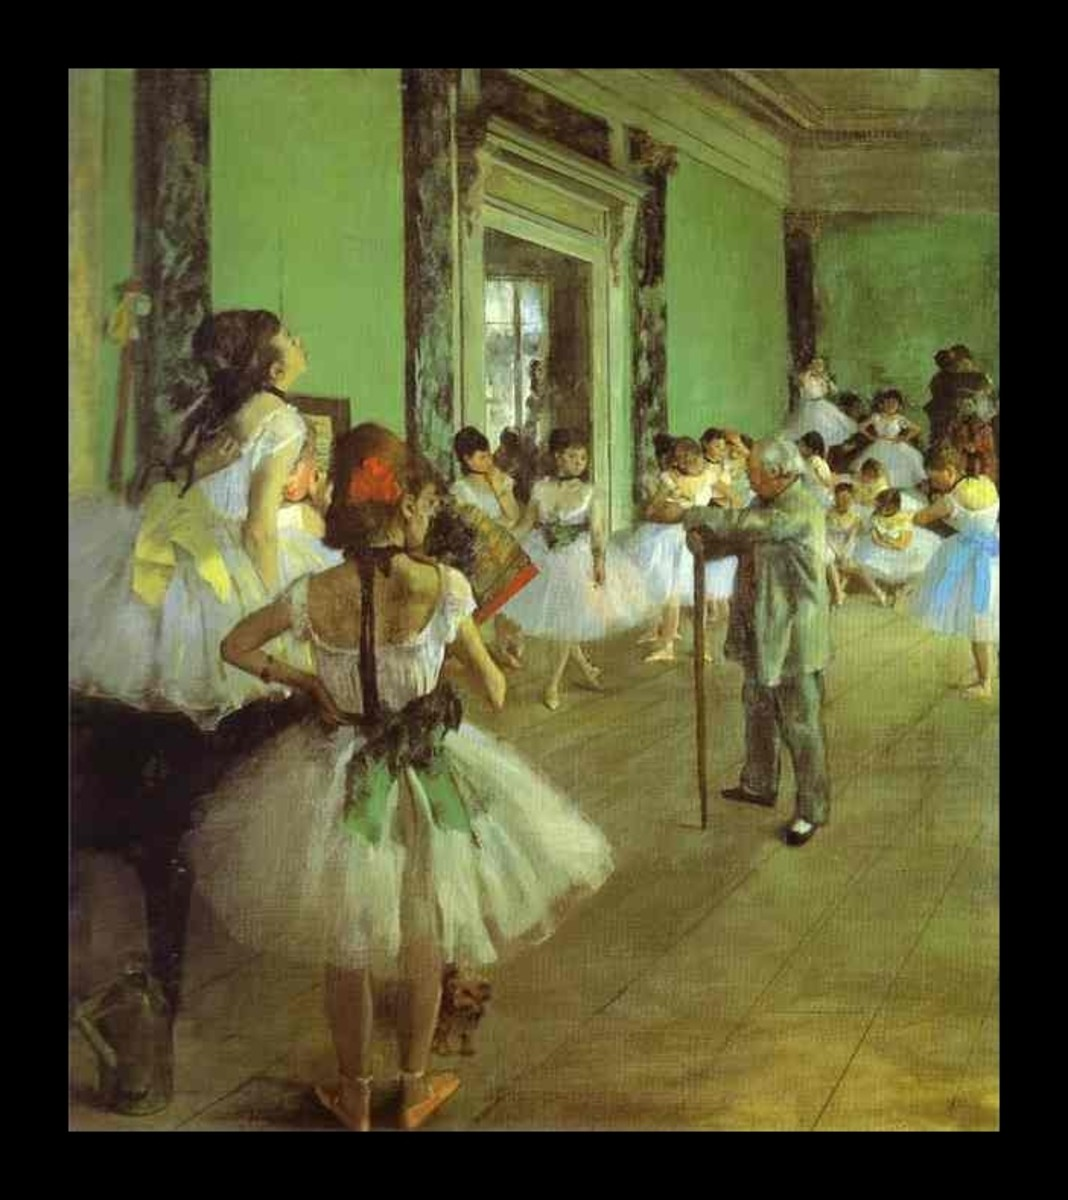 DEGAS' DANCE CLASS (1874)